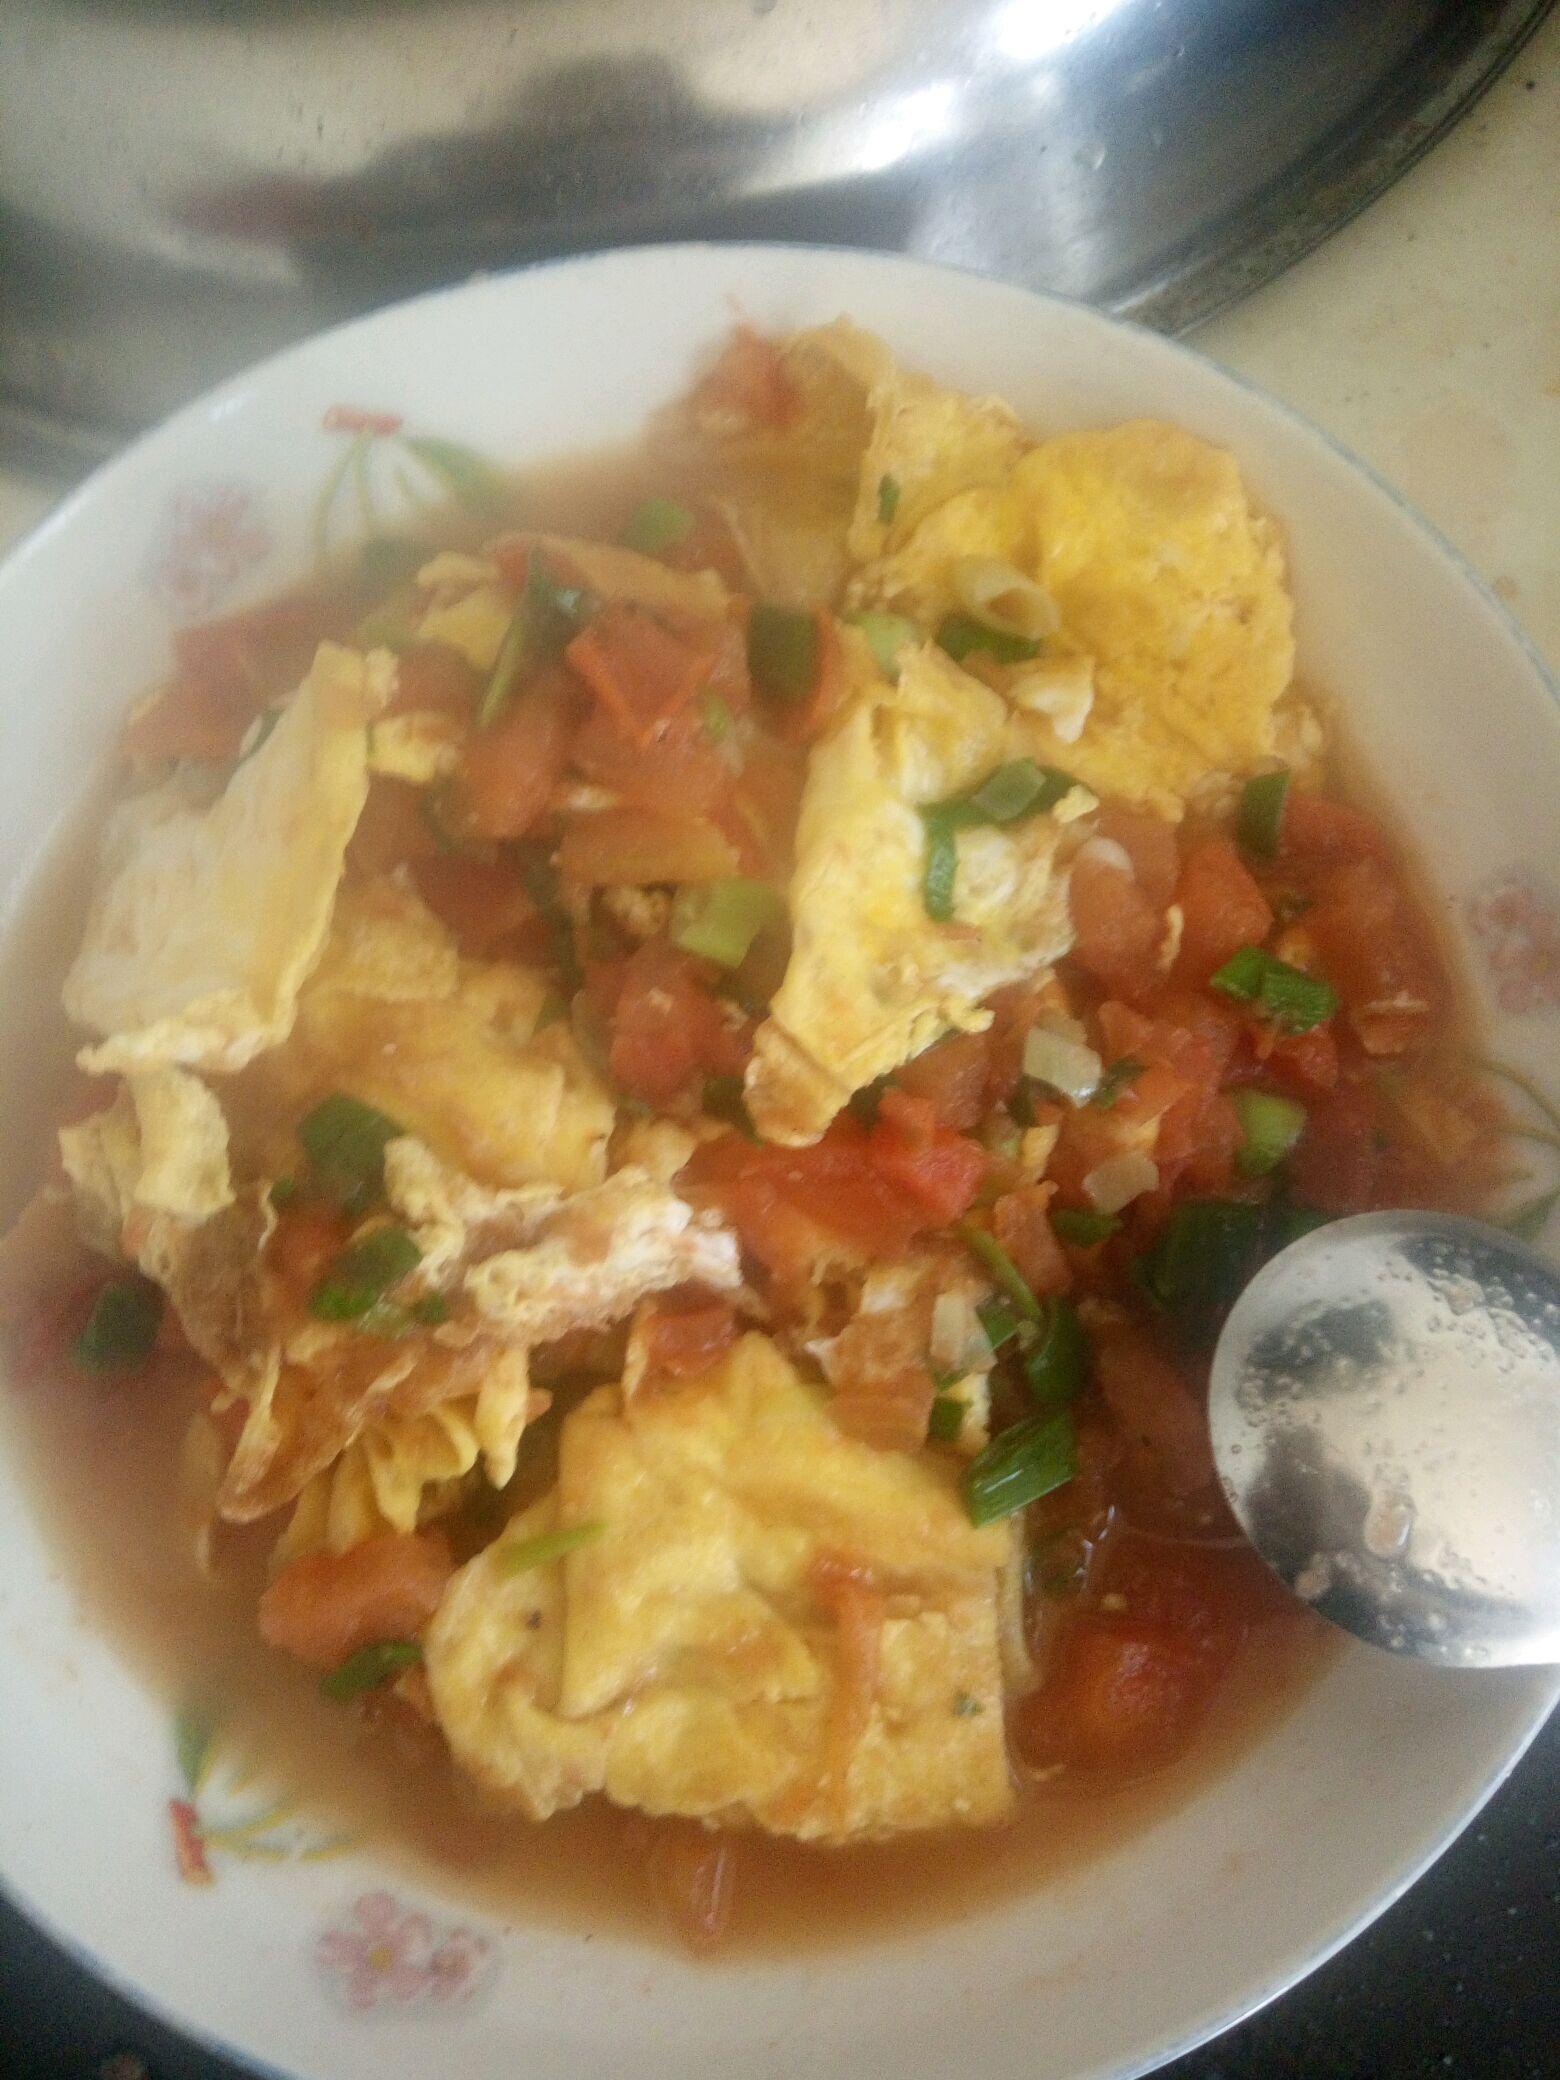 白糖一食勺 盐一食勺 香葱一根 番茄三~四个 西红柿炒蛋的做法步骤 4.